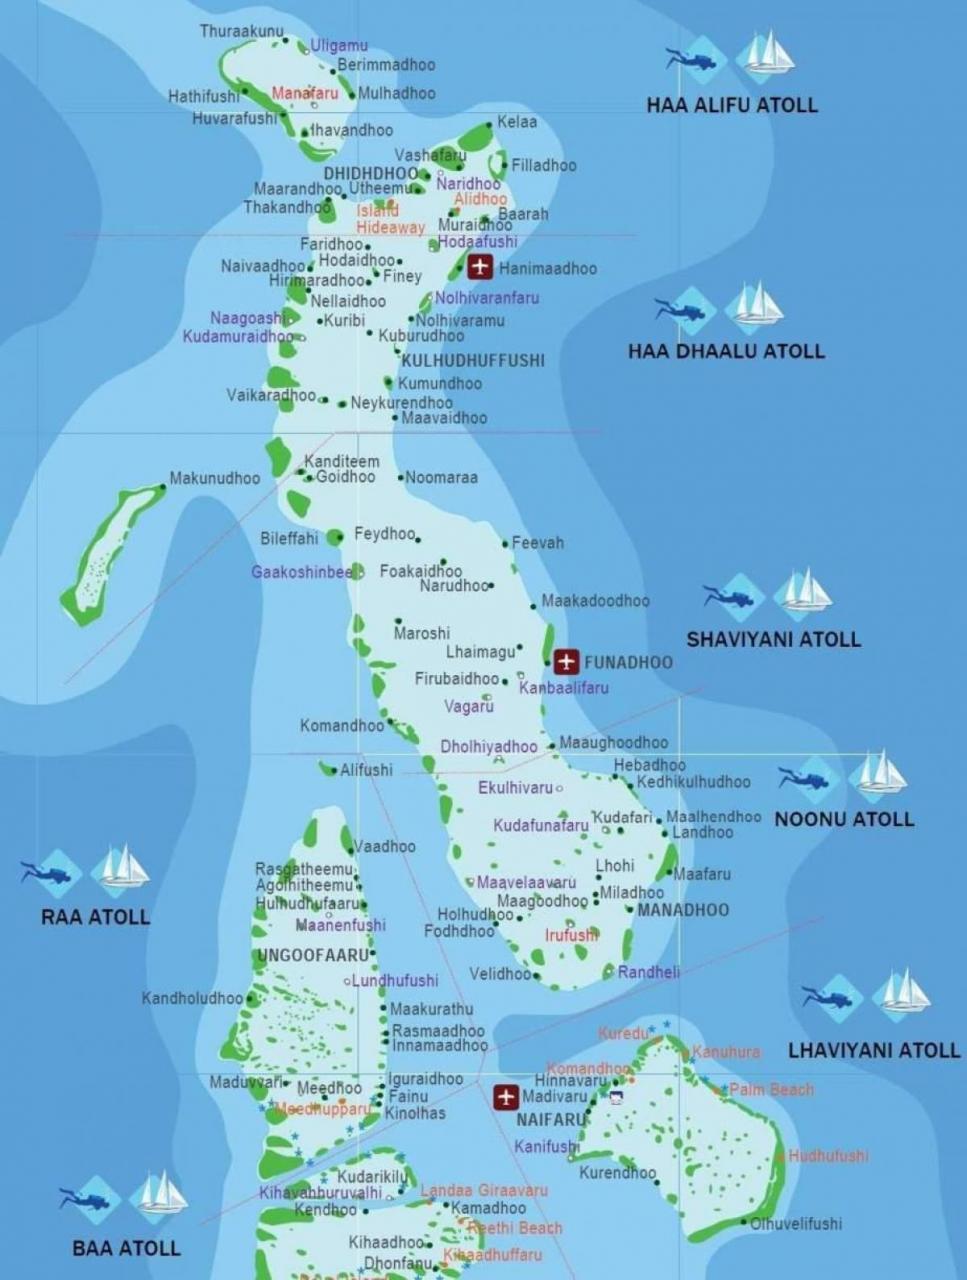 خريطة جُزر المالديف باللغة الإنجليزية